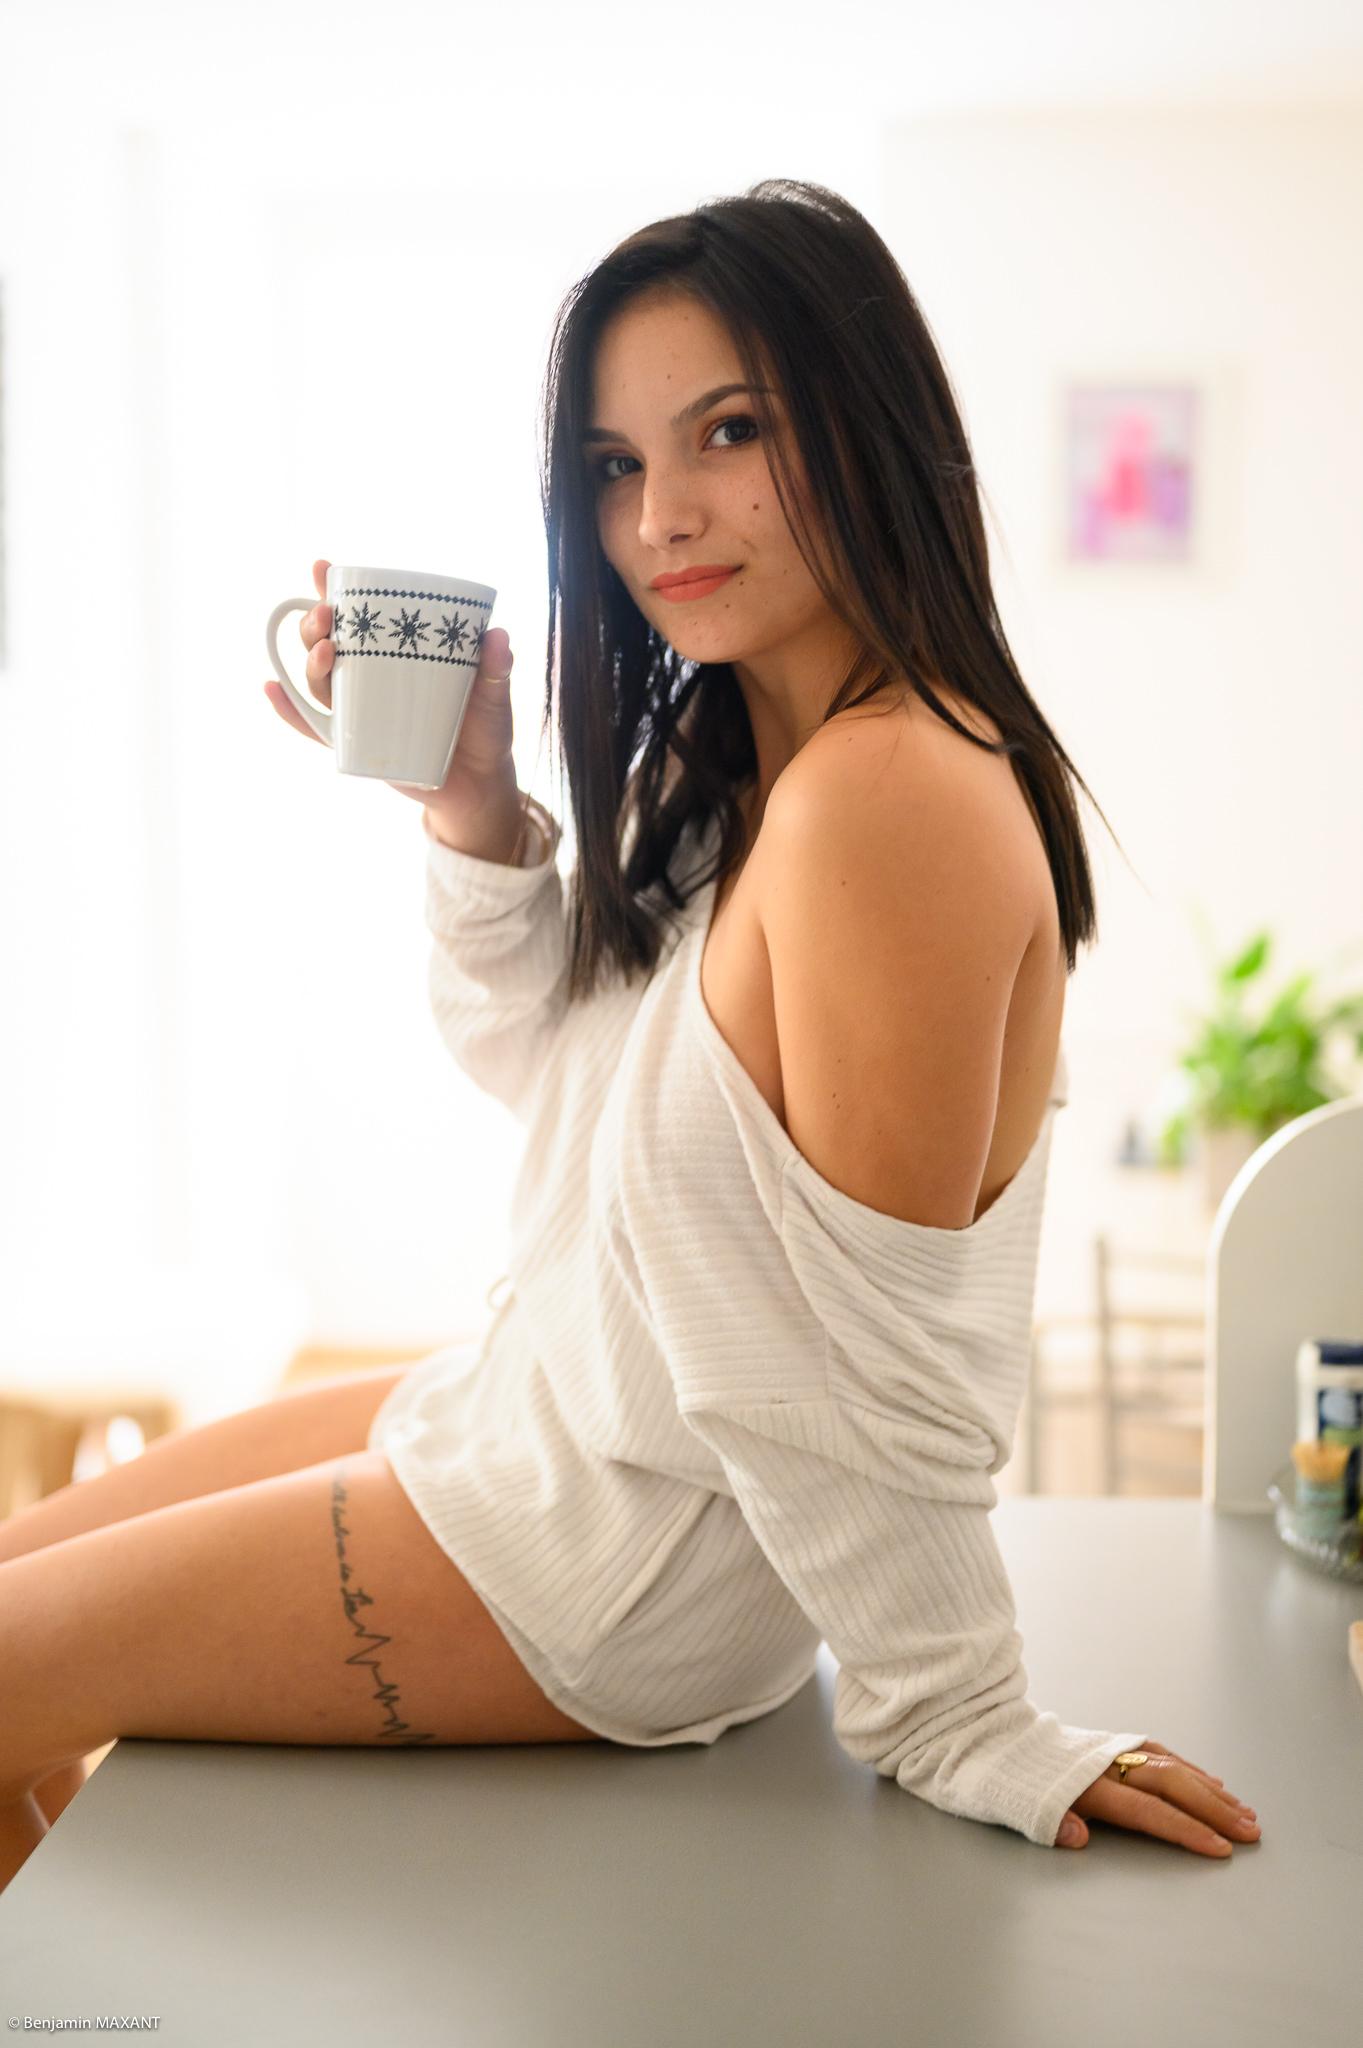 Séance photo boudoir ensemble blanc souple assise sur le plan de travail avec un mug